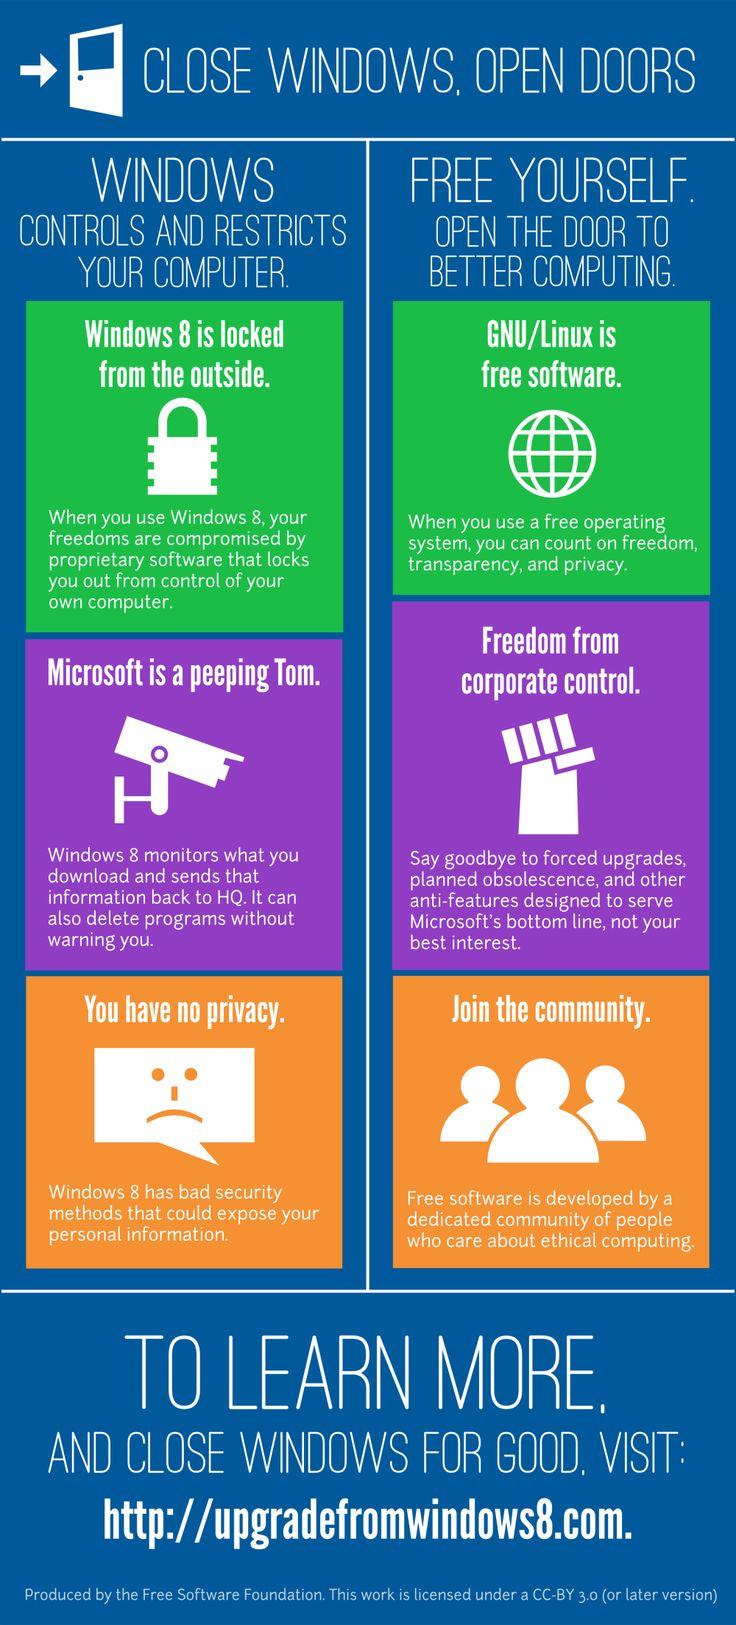 Cierra las ventanas  y abre las puertas  Software libre vs privativo  Windows 8 vs Linux: Las Windows, Infographics Software, Close Windows, Cierra Windows, Windows, Abre La, Cierra Las, Software Libre